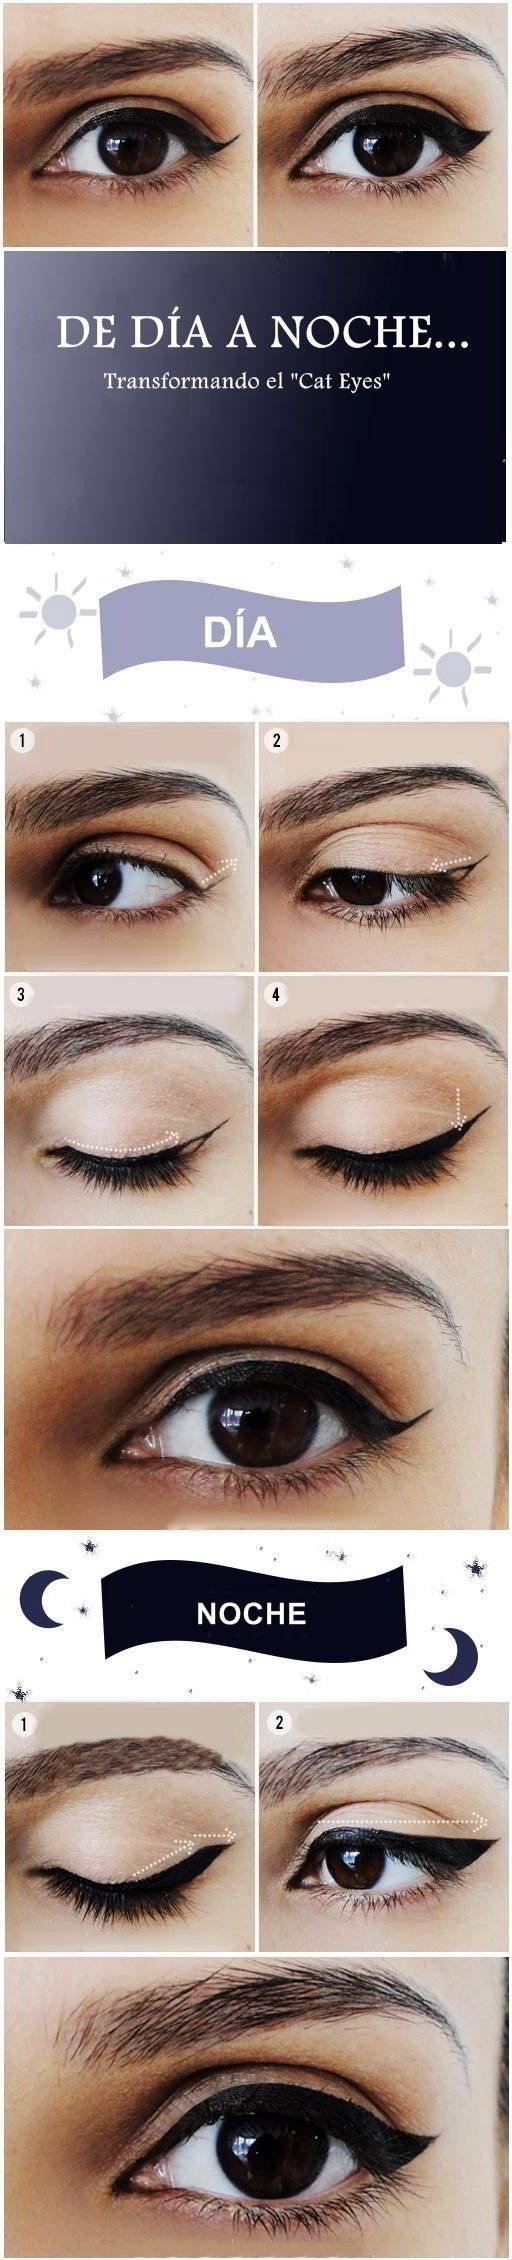 Como pintarse los ojos de día y de noche